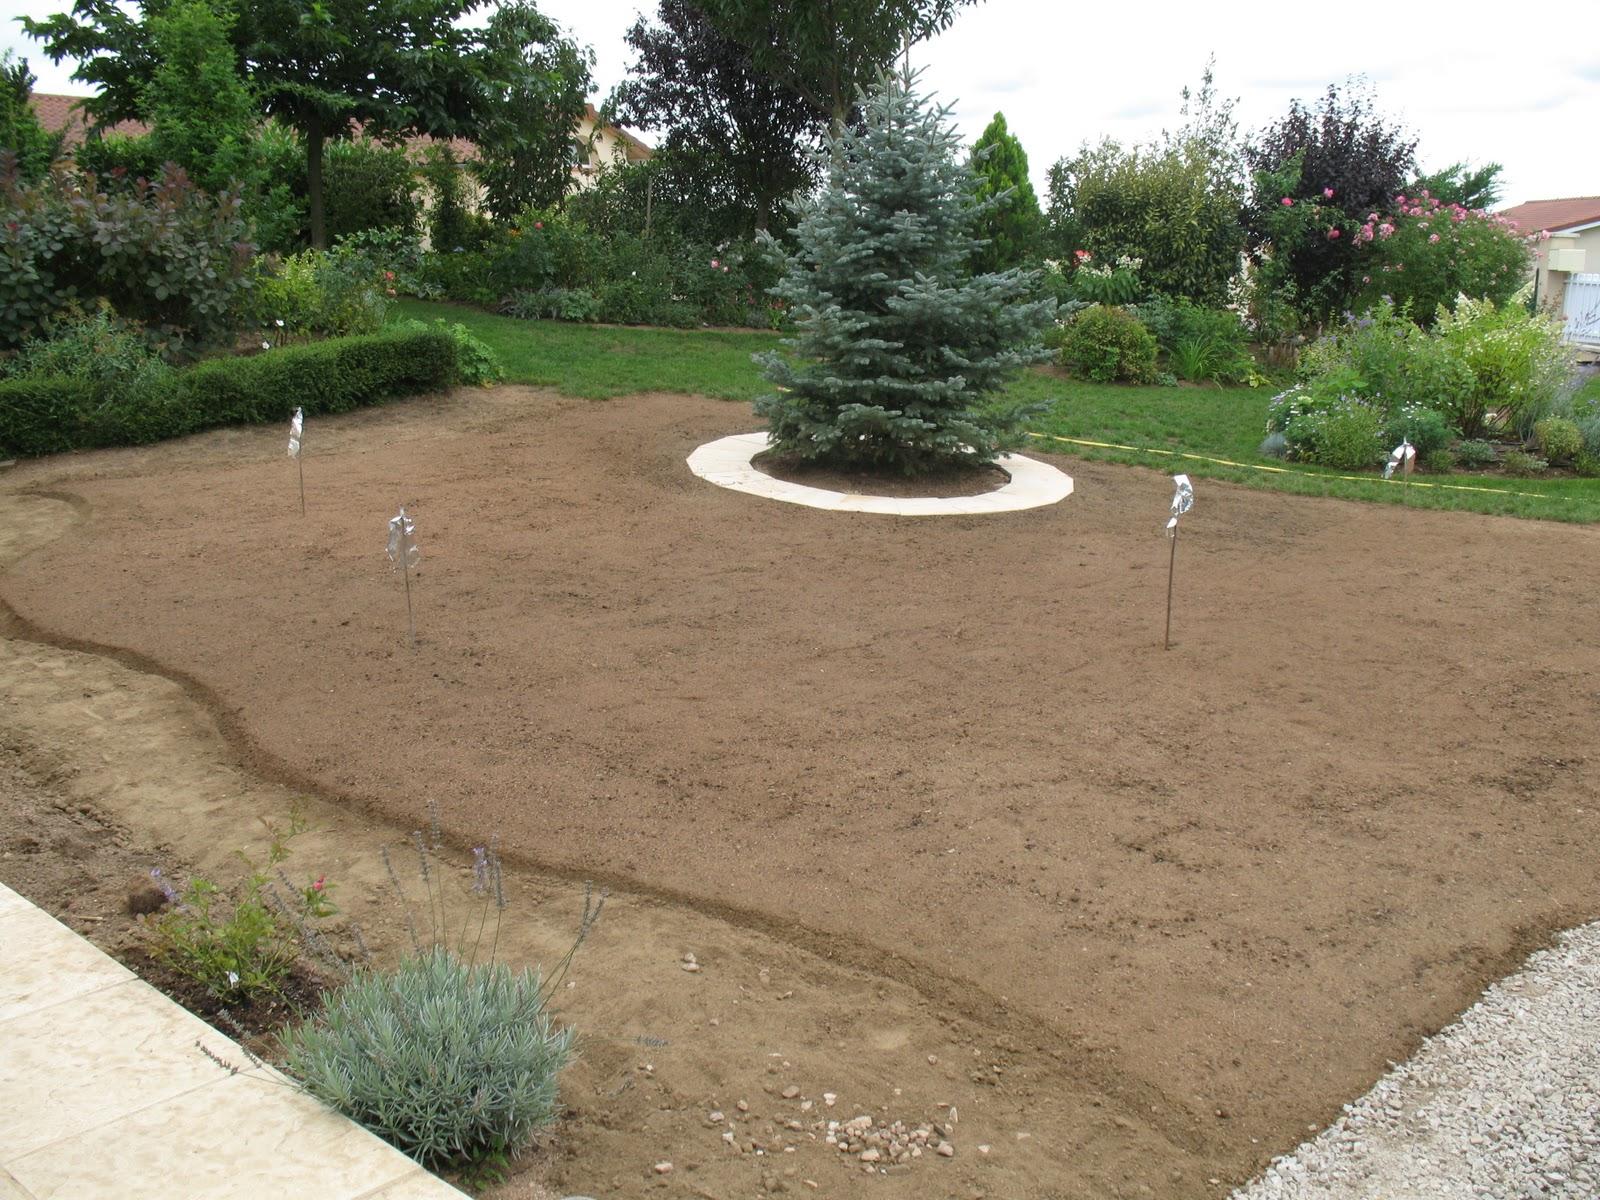 Roses du jardin ch neland pelouse revue et corrig e - Chaux pour gazon ...